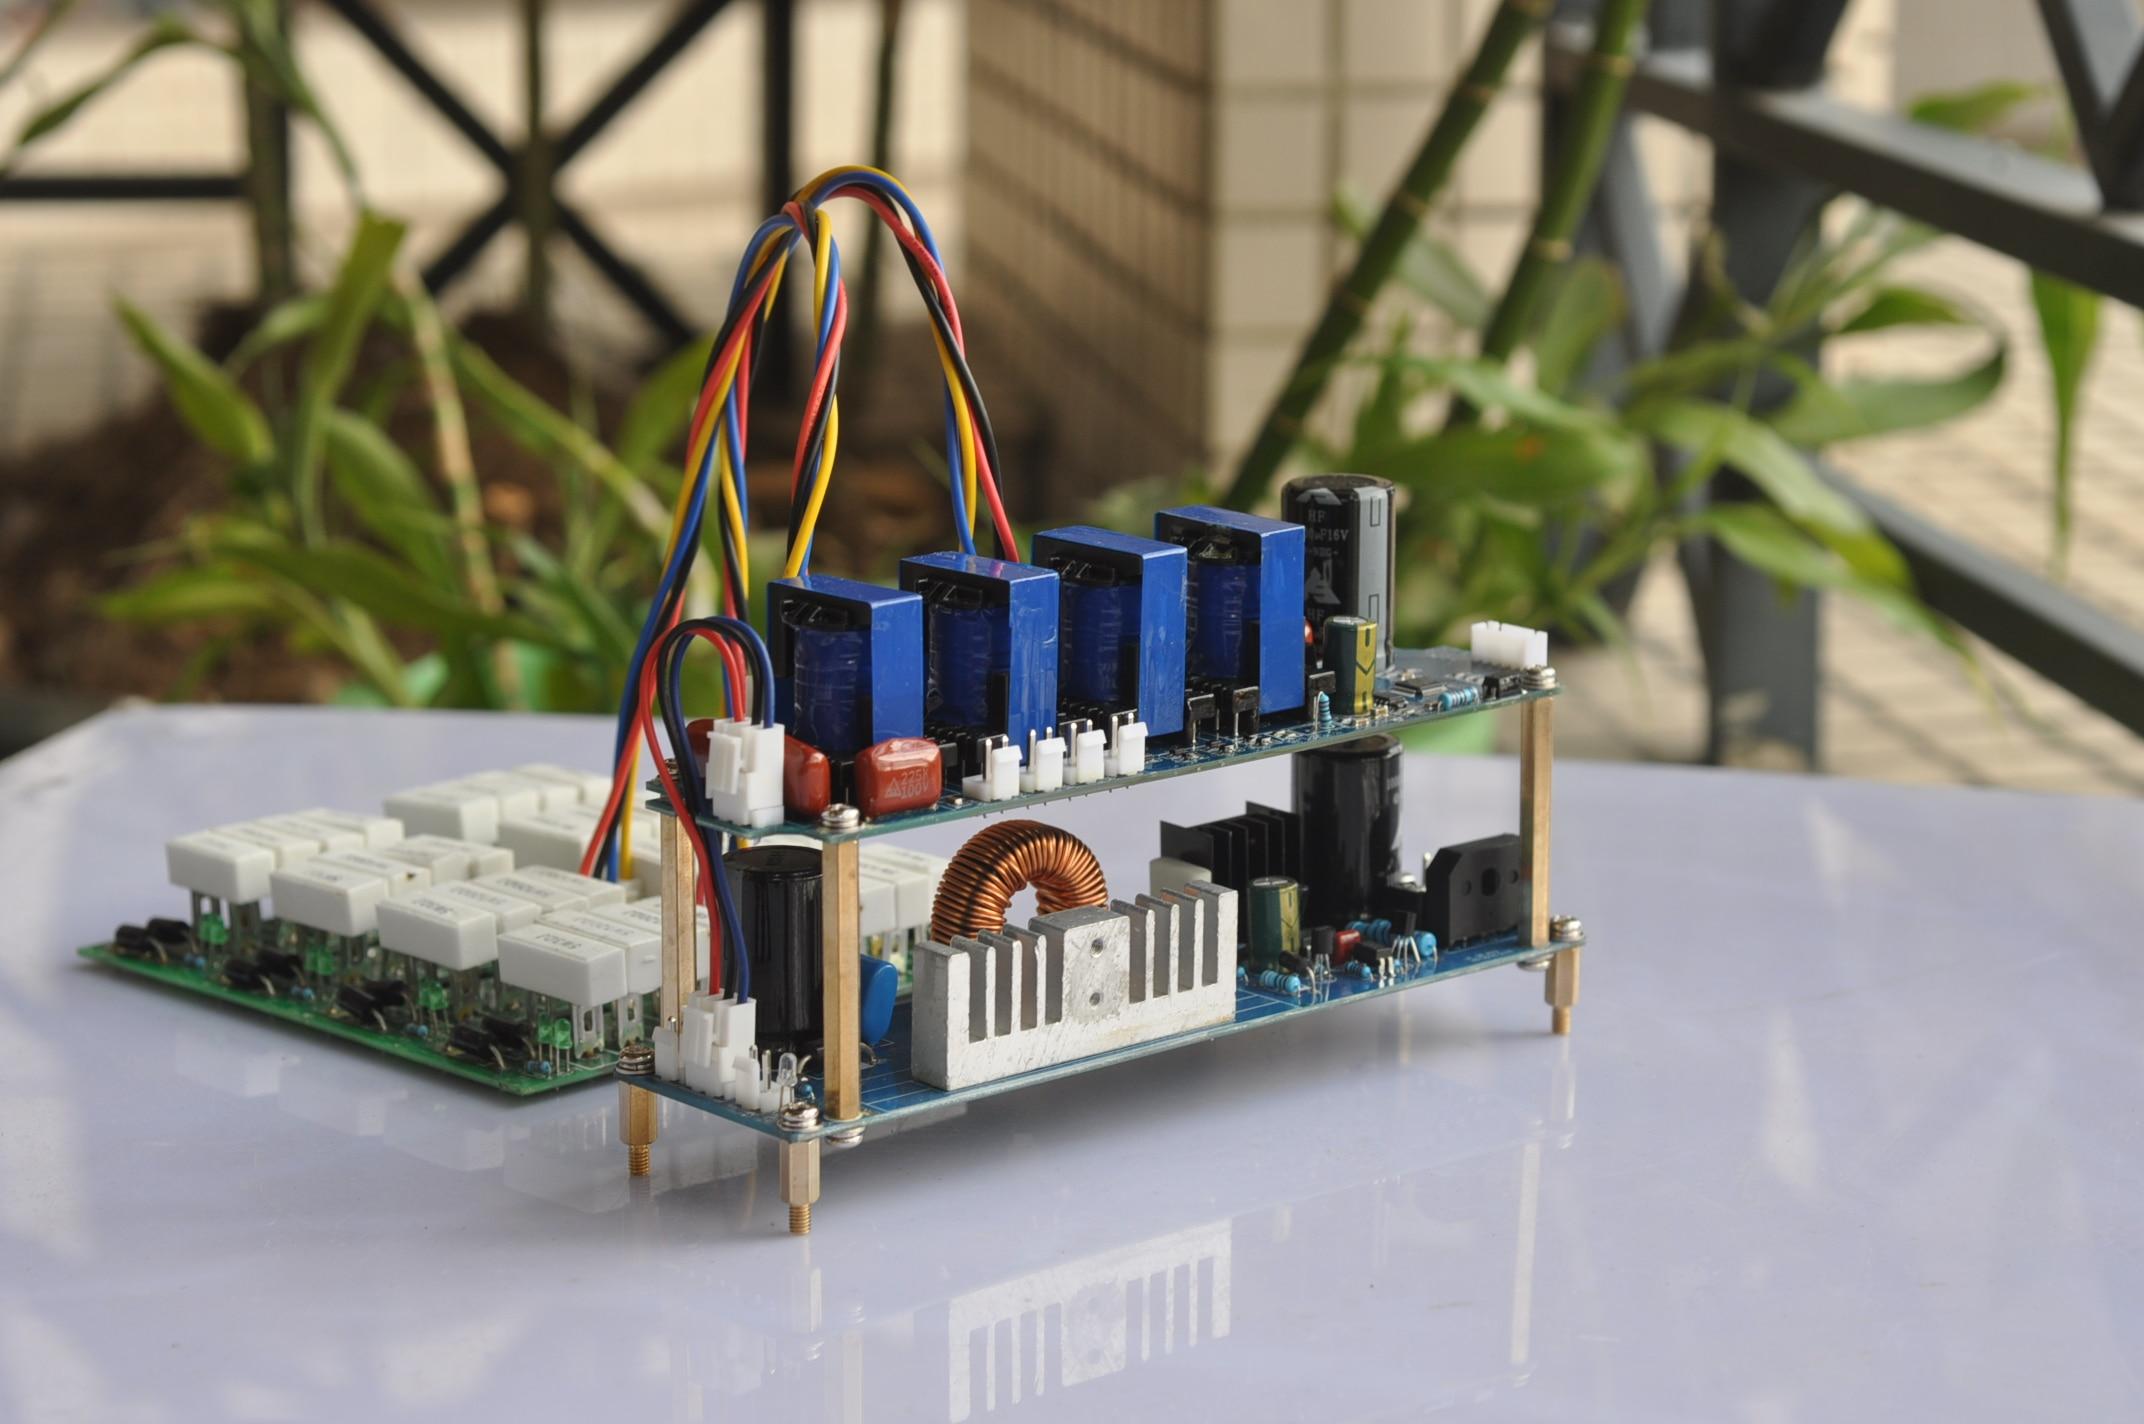 80KW Elettromagnetica di Controllo del Riscaldamento Elettromagnetica Piastra di Riscaldamento di Riscaldamento A Induzione di Controllo IGBT Drive80KW Elettromagnetica di Controllo del Riscaldamento Elettromagnetica Piastra di Riscaldamento di Riscaldamento A Induzione di Controllo IGBT Drive